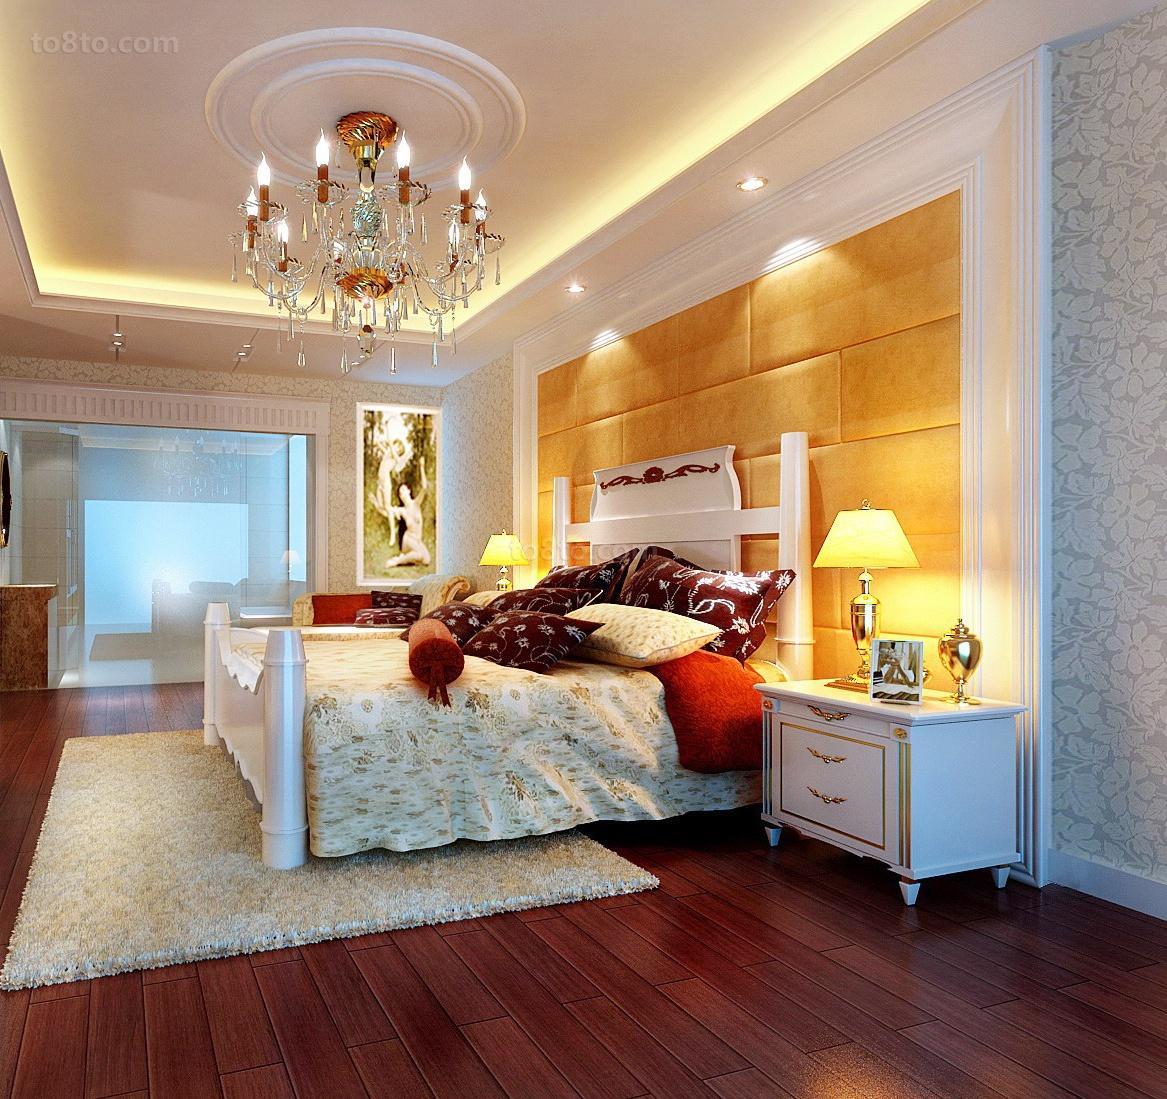 同鑫花园三居室卧室吊顶装修效果图大全2014图片